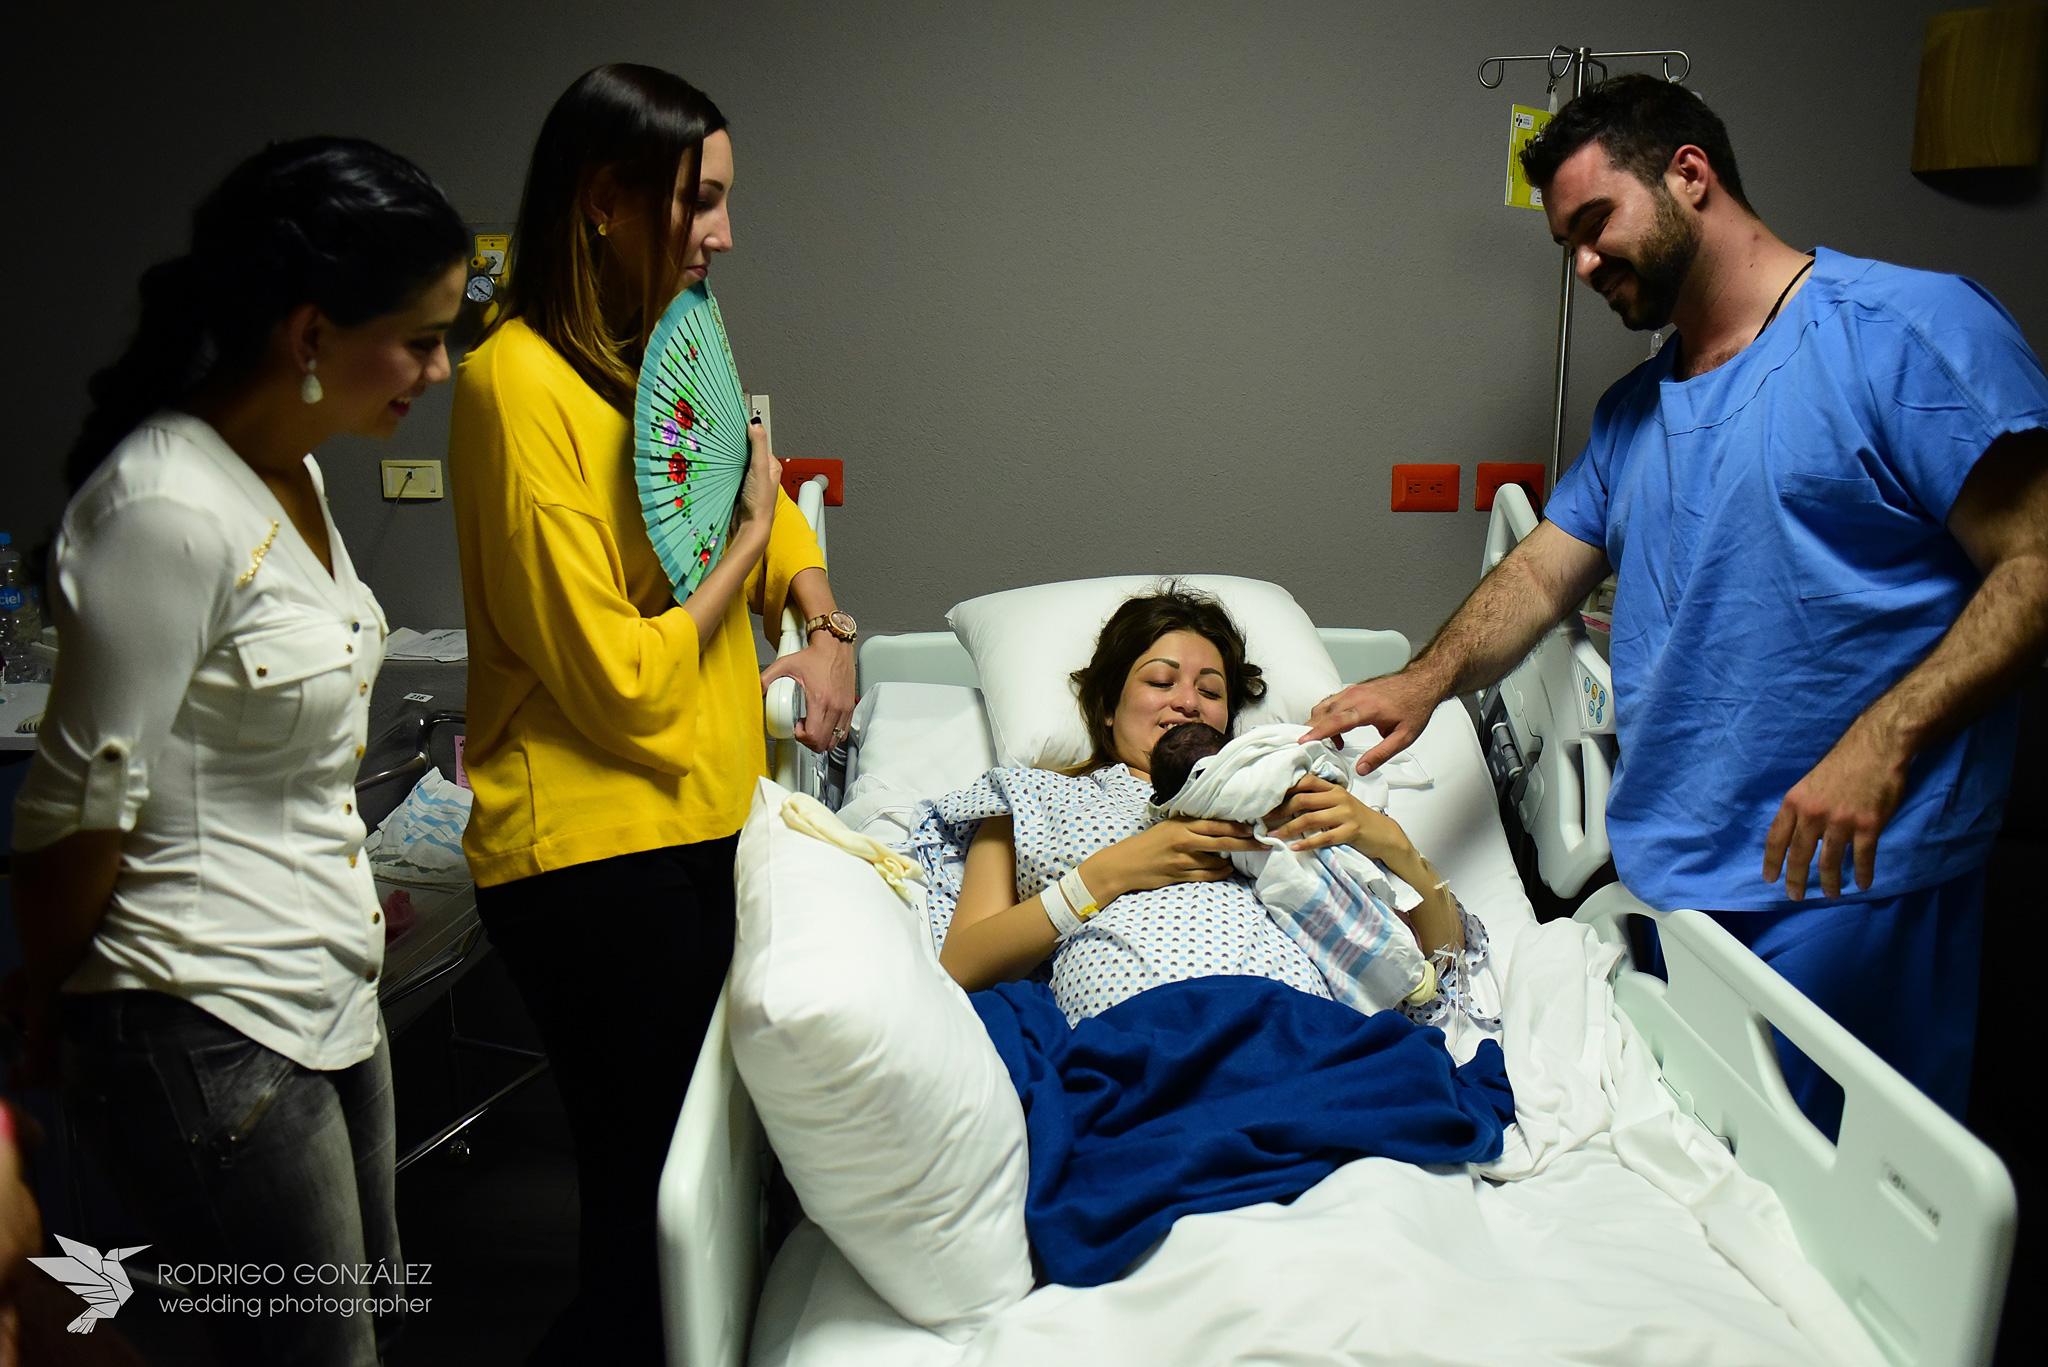 fotografia-de-nacimiento-hospital-puebla-mexico-193